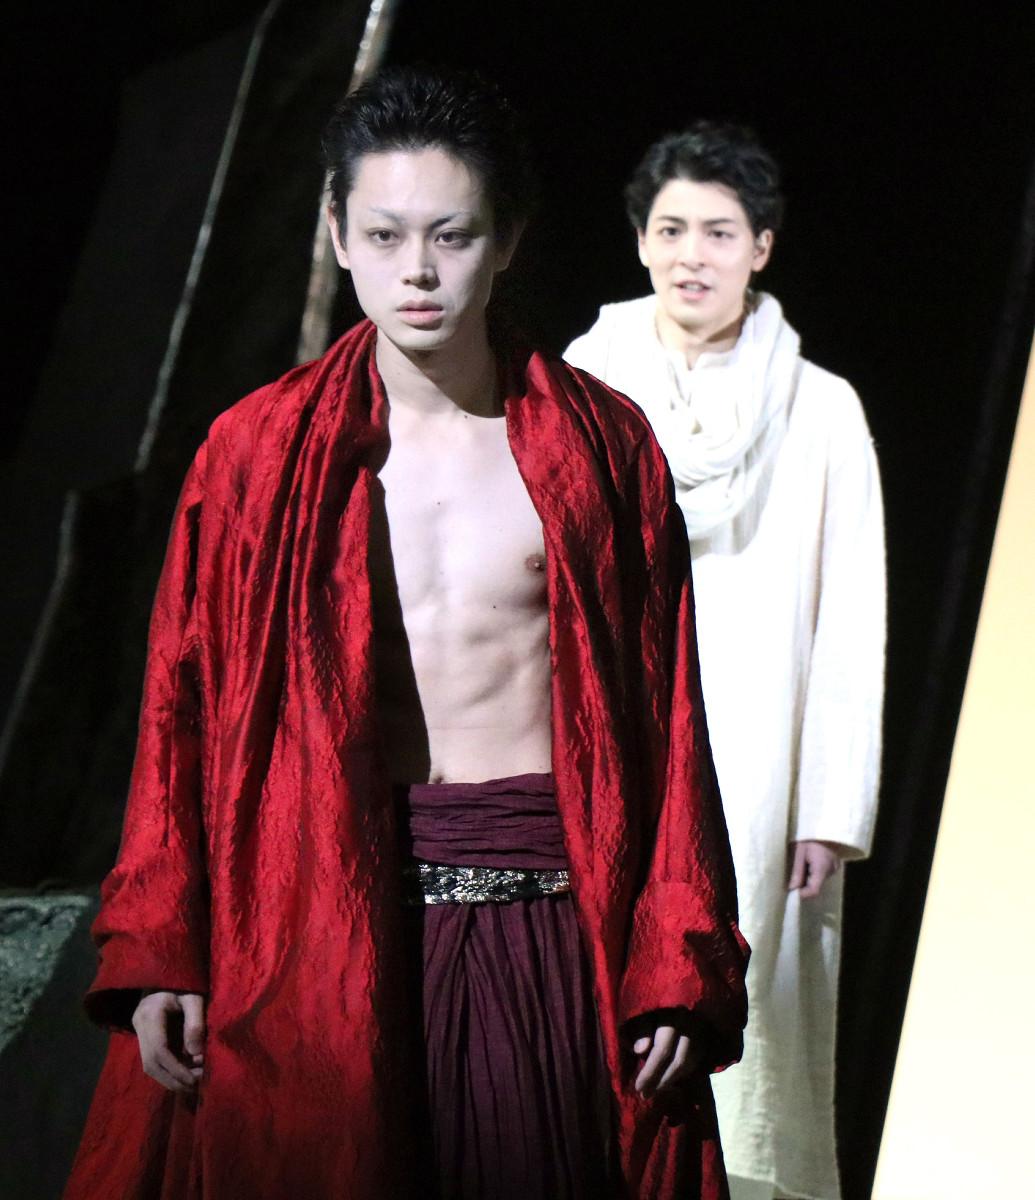 舞台「カリギュラ」の公開稽古に参加した菅田将暉(前)と高杉真宙